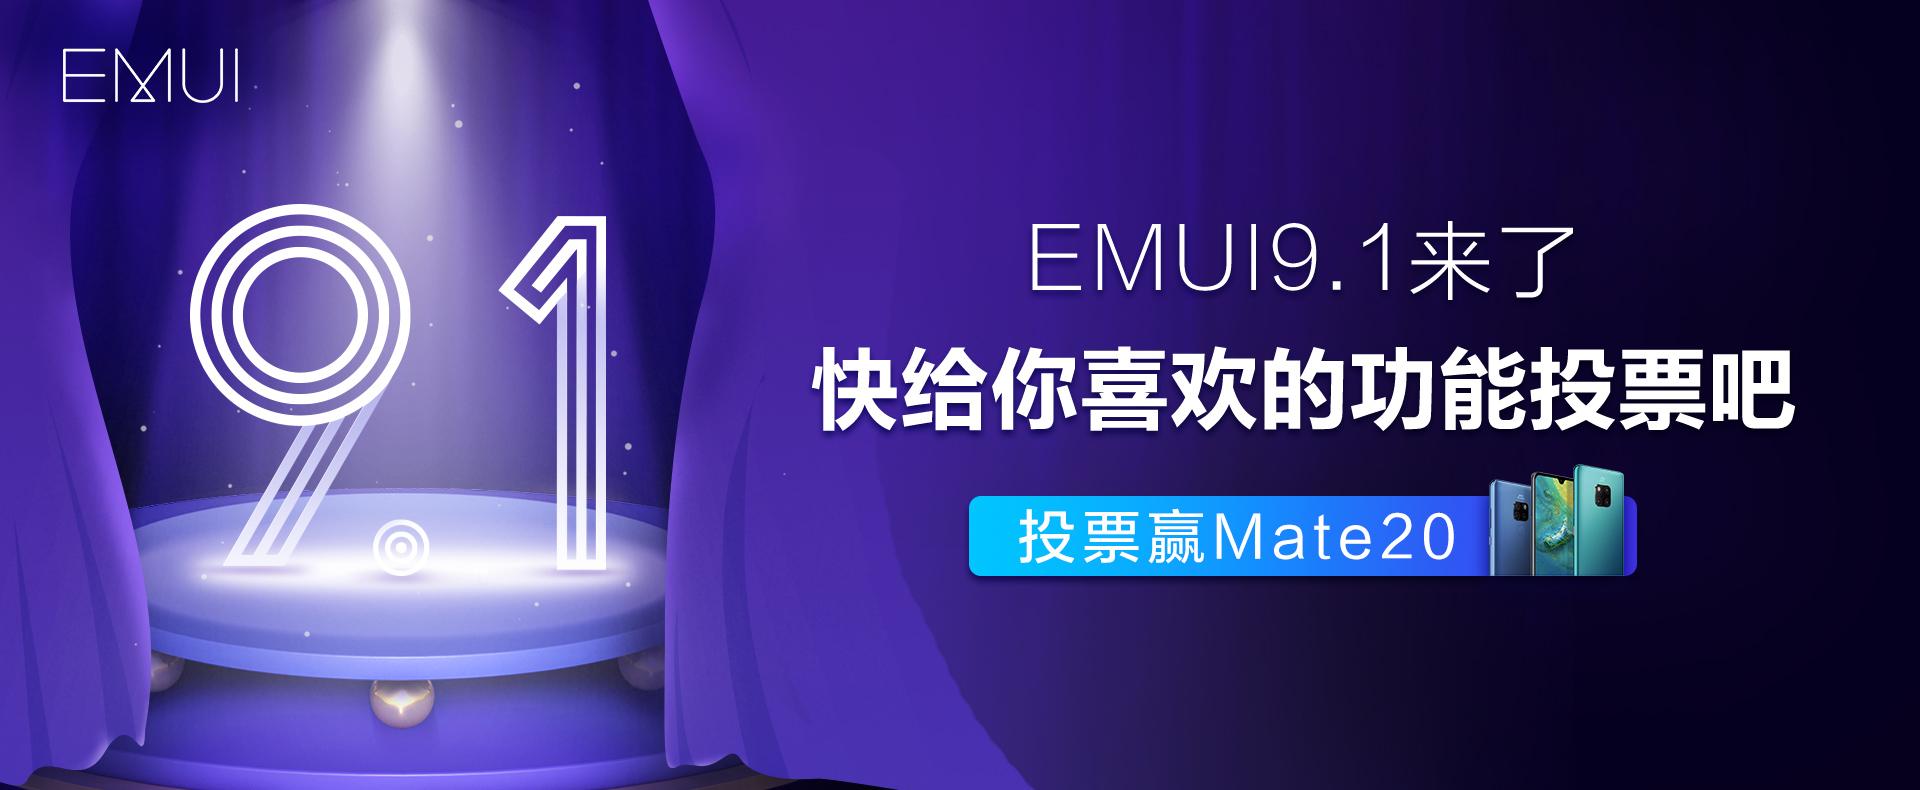 【投票赢Mate20】 EMUI9.1来了,快给你喜欢-花粉俱乐部